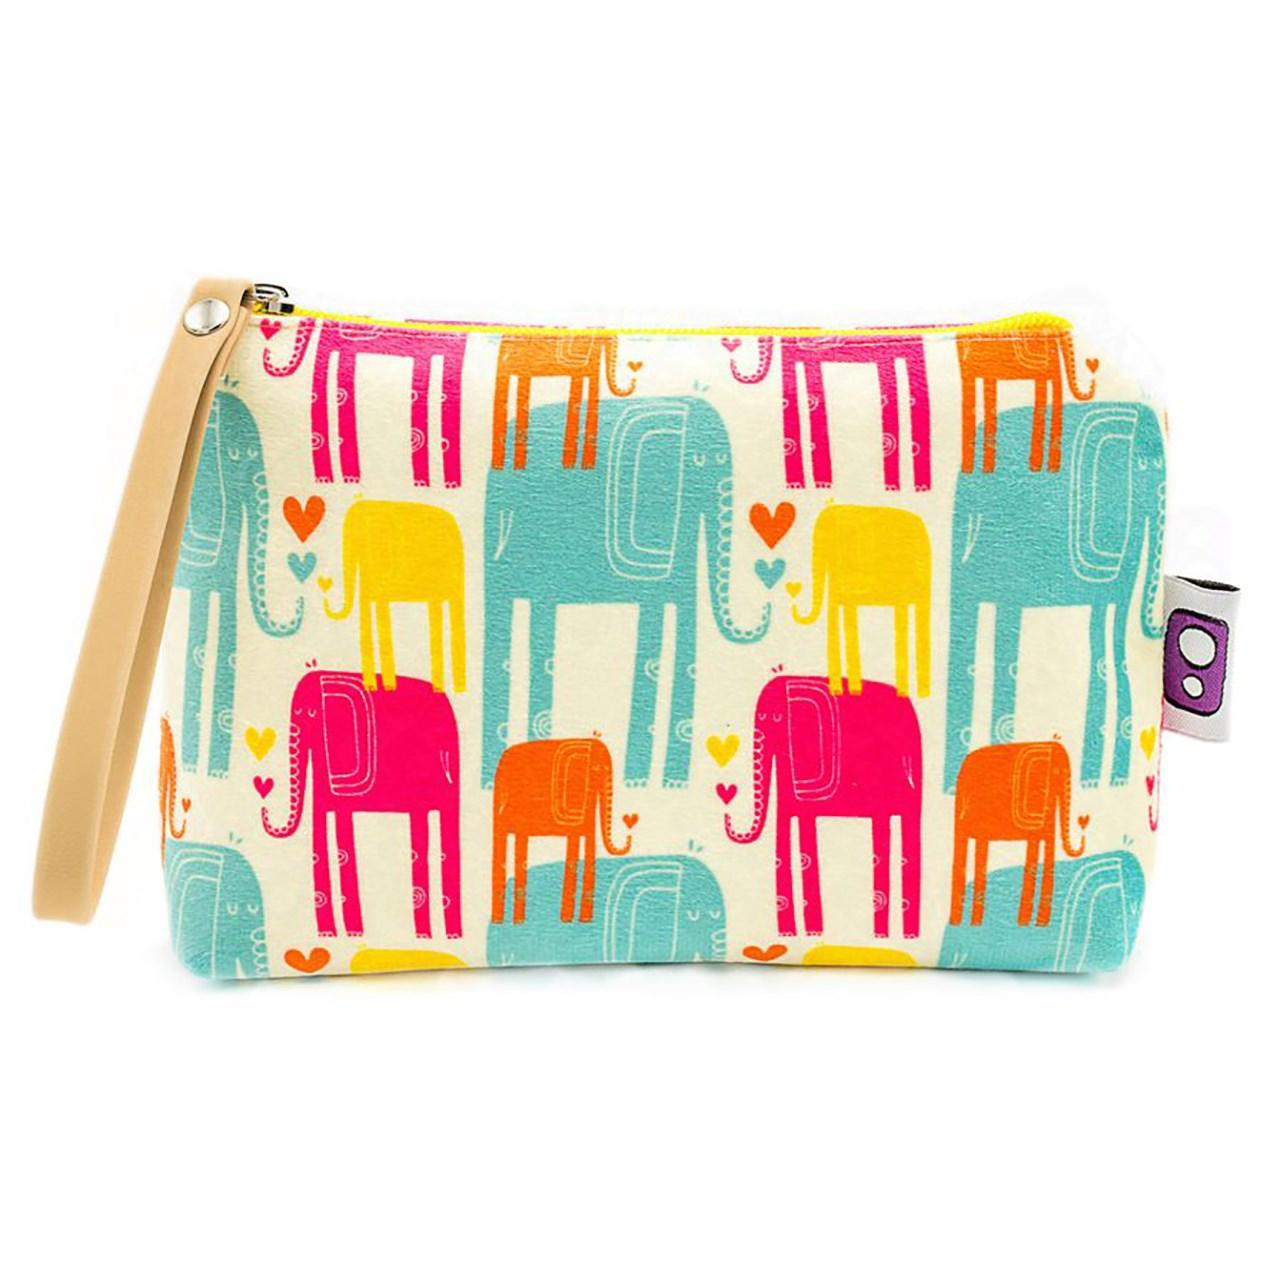 کیف لوازم آرایش هیدورا طرح فیل های رنگی